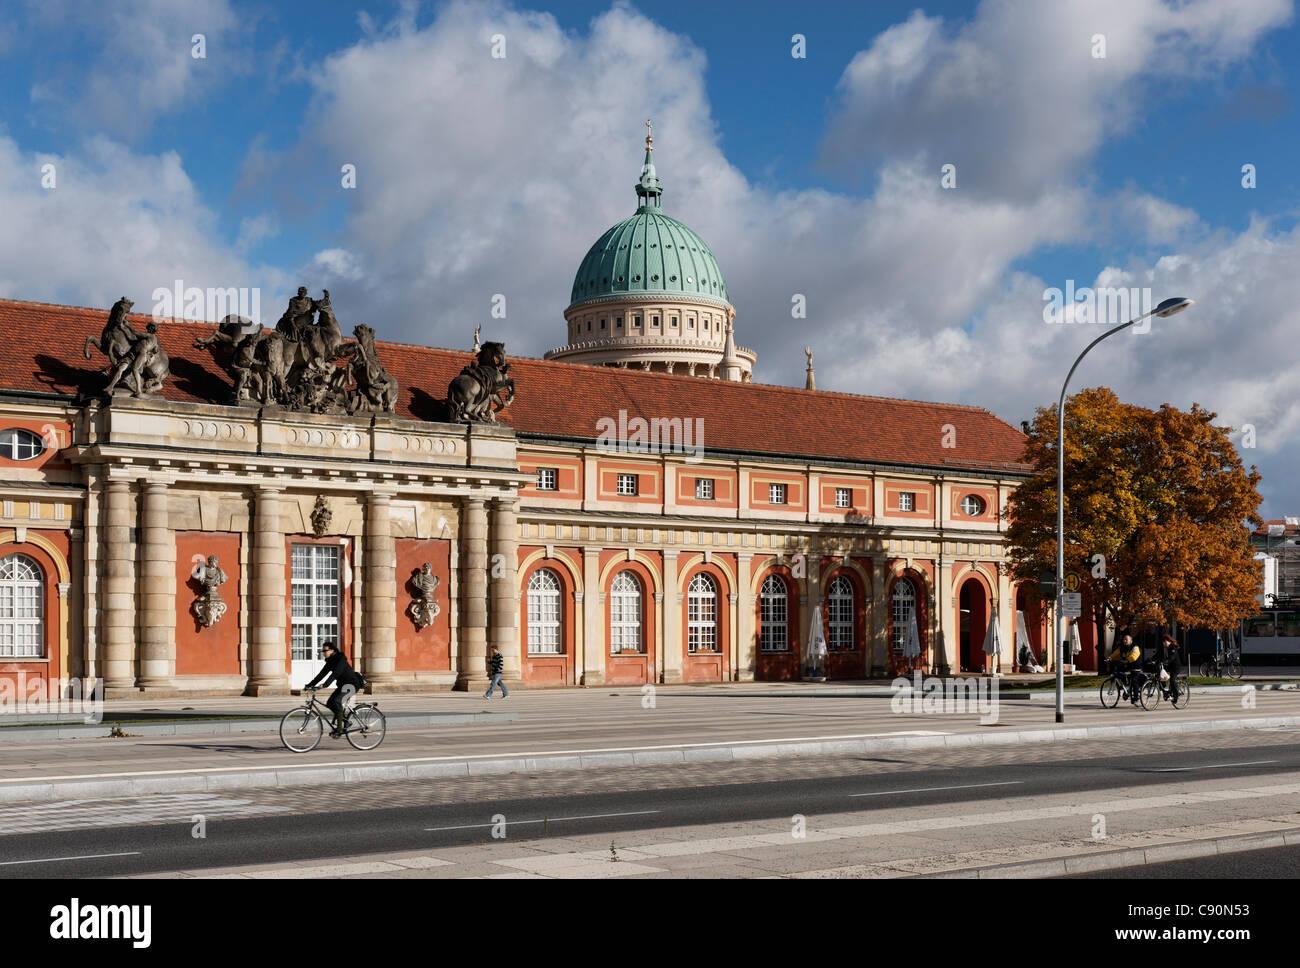 Breadth Street, Stables, Film Museum, Nikolai Church, builder Georg Wenzeslaus von Knobelsdorff, Potsdam, Brandenburg, - Stock Image